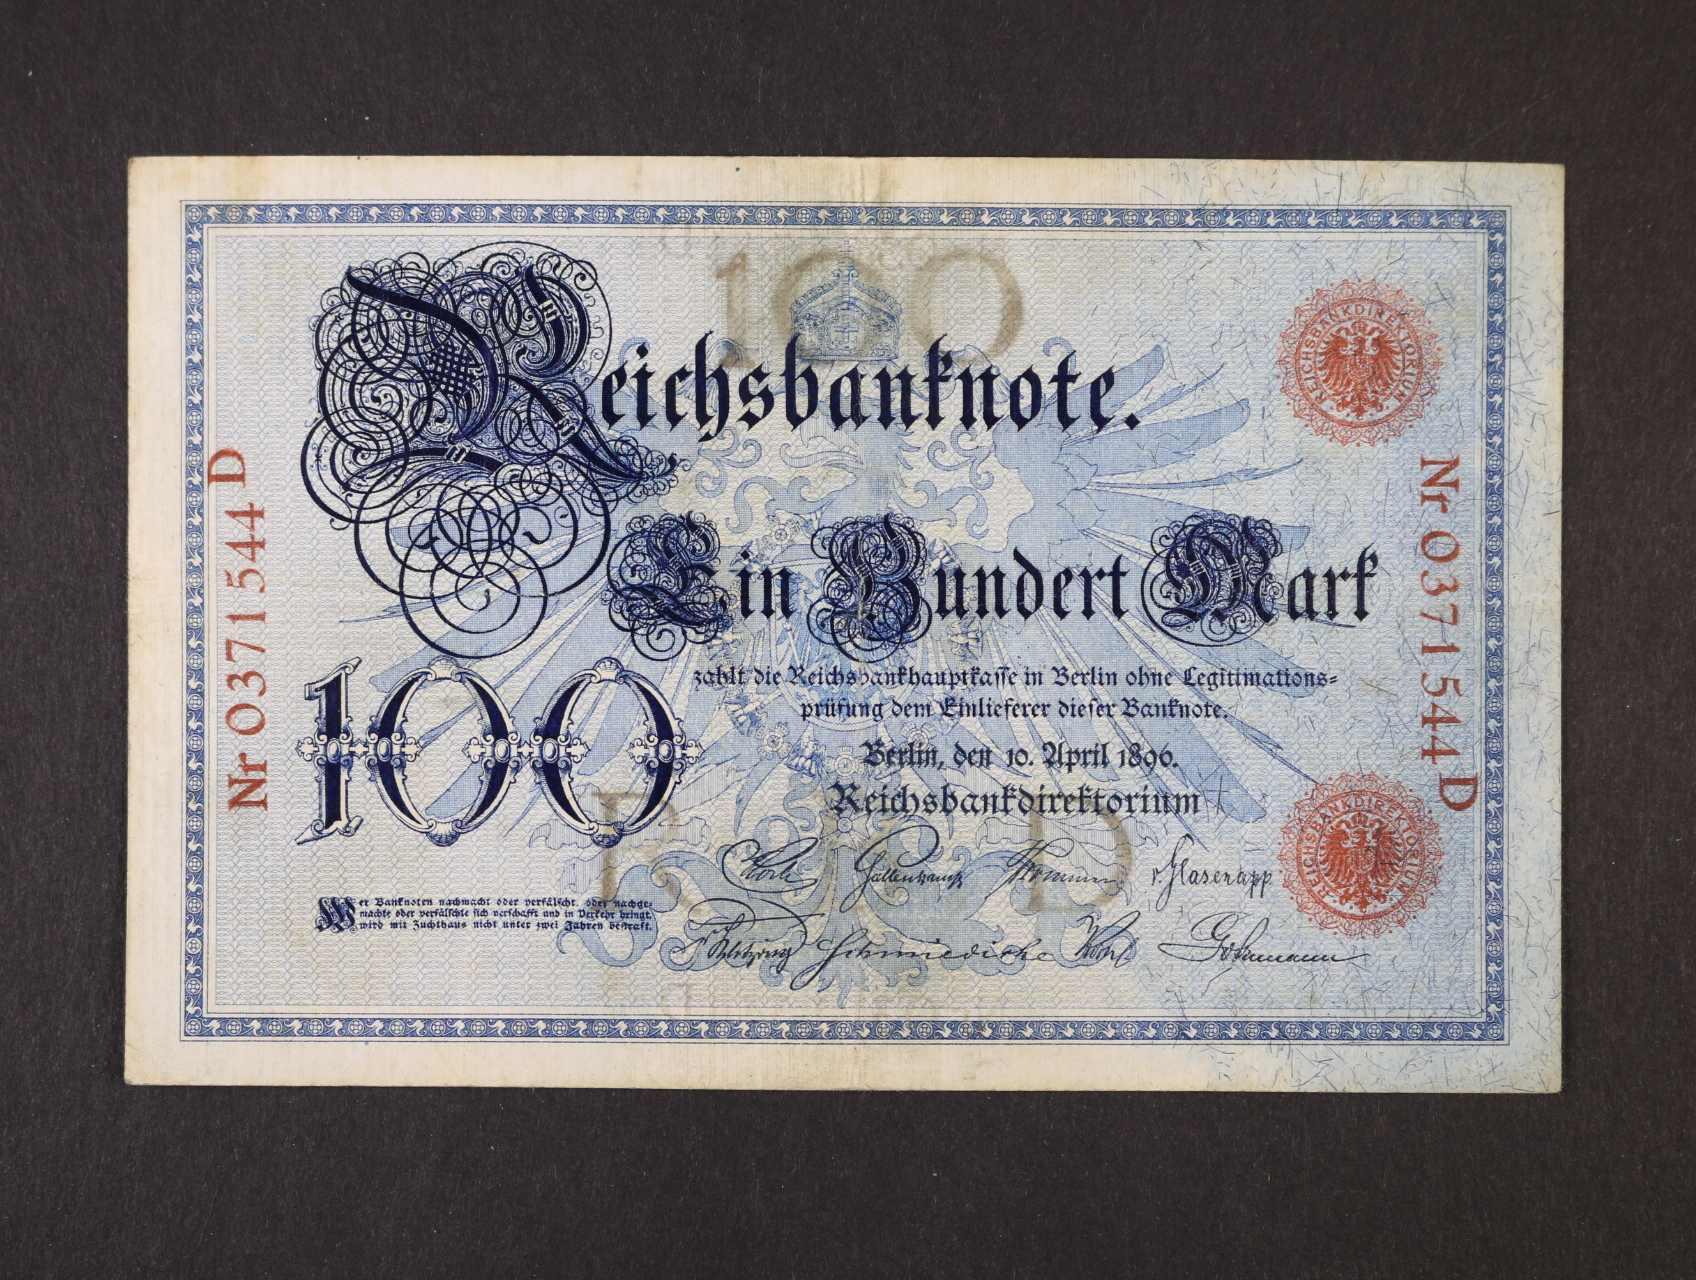 100 Mark 10.4.1896 série D, vzácná, Ro. 15